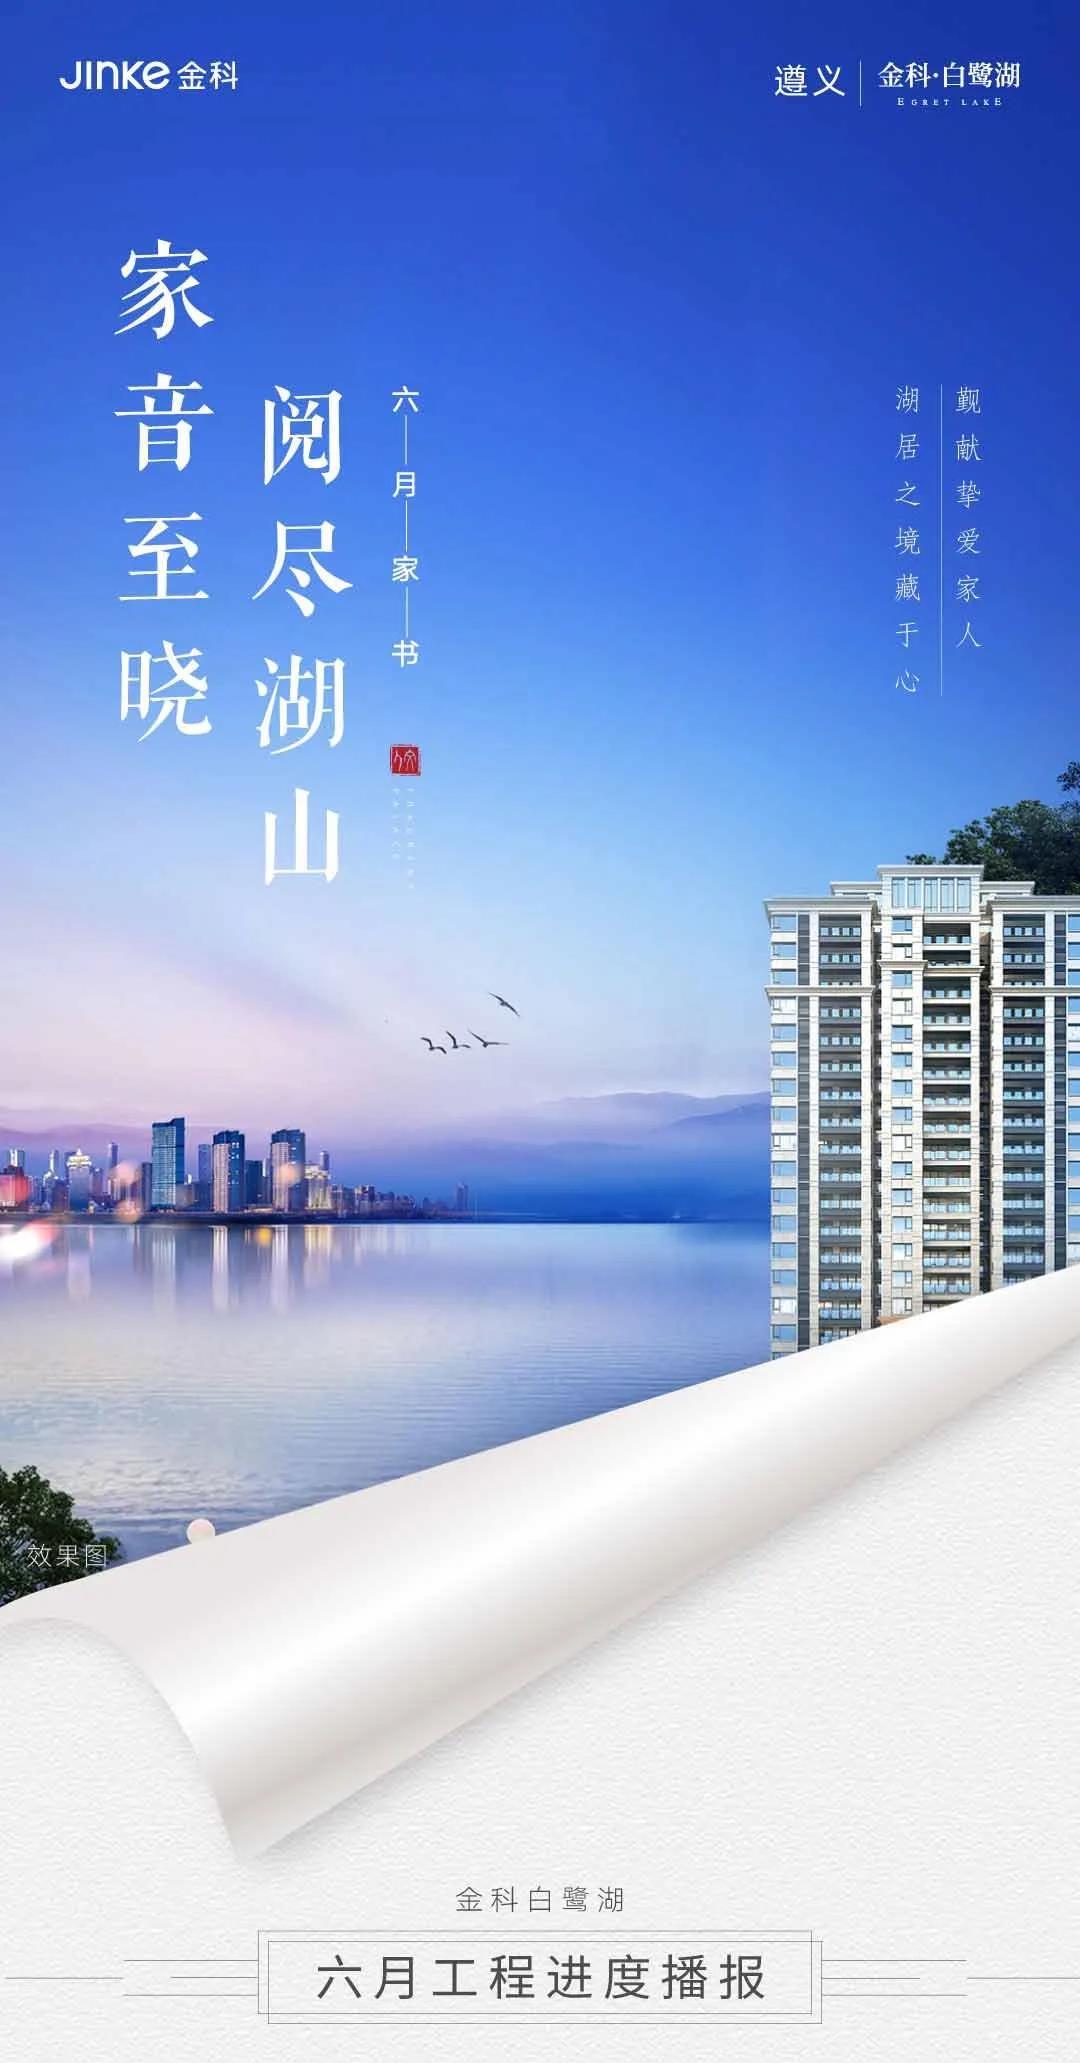 金科·白鹭湖:阅尽湖山 家音至晓-中国网地产